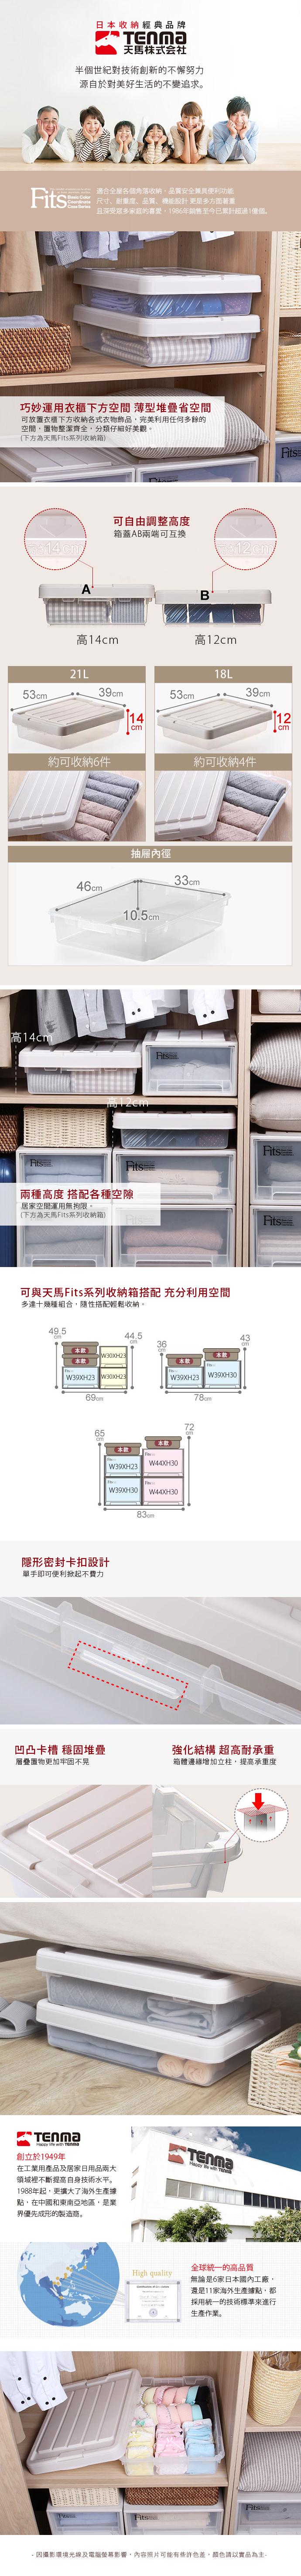 (複製)天馬|Fits 正方系列22.5寬單層抽屜收納箱-高20CM-3入